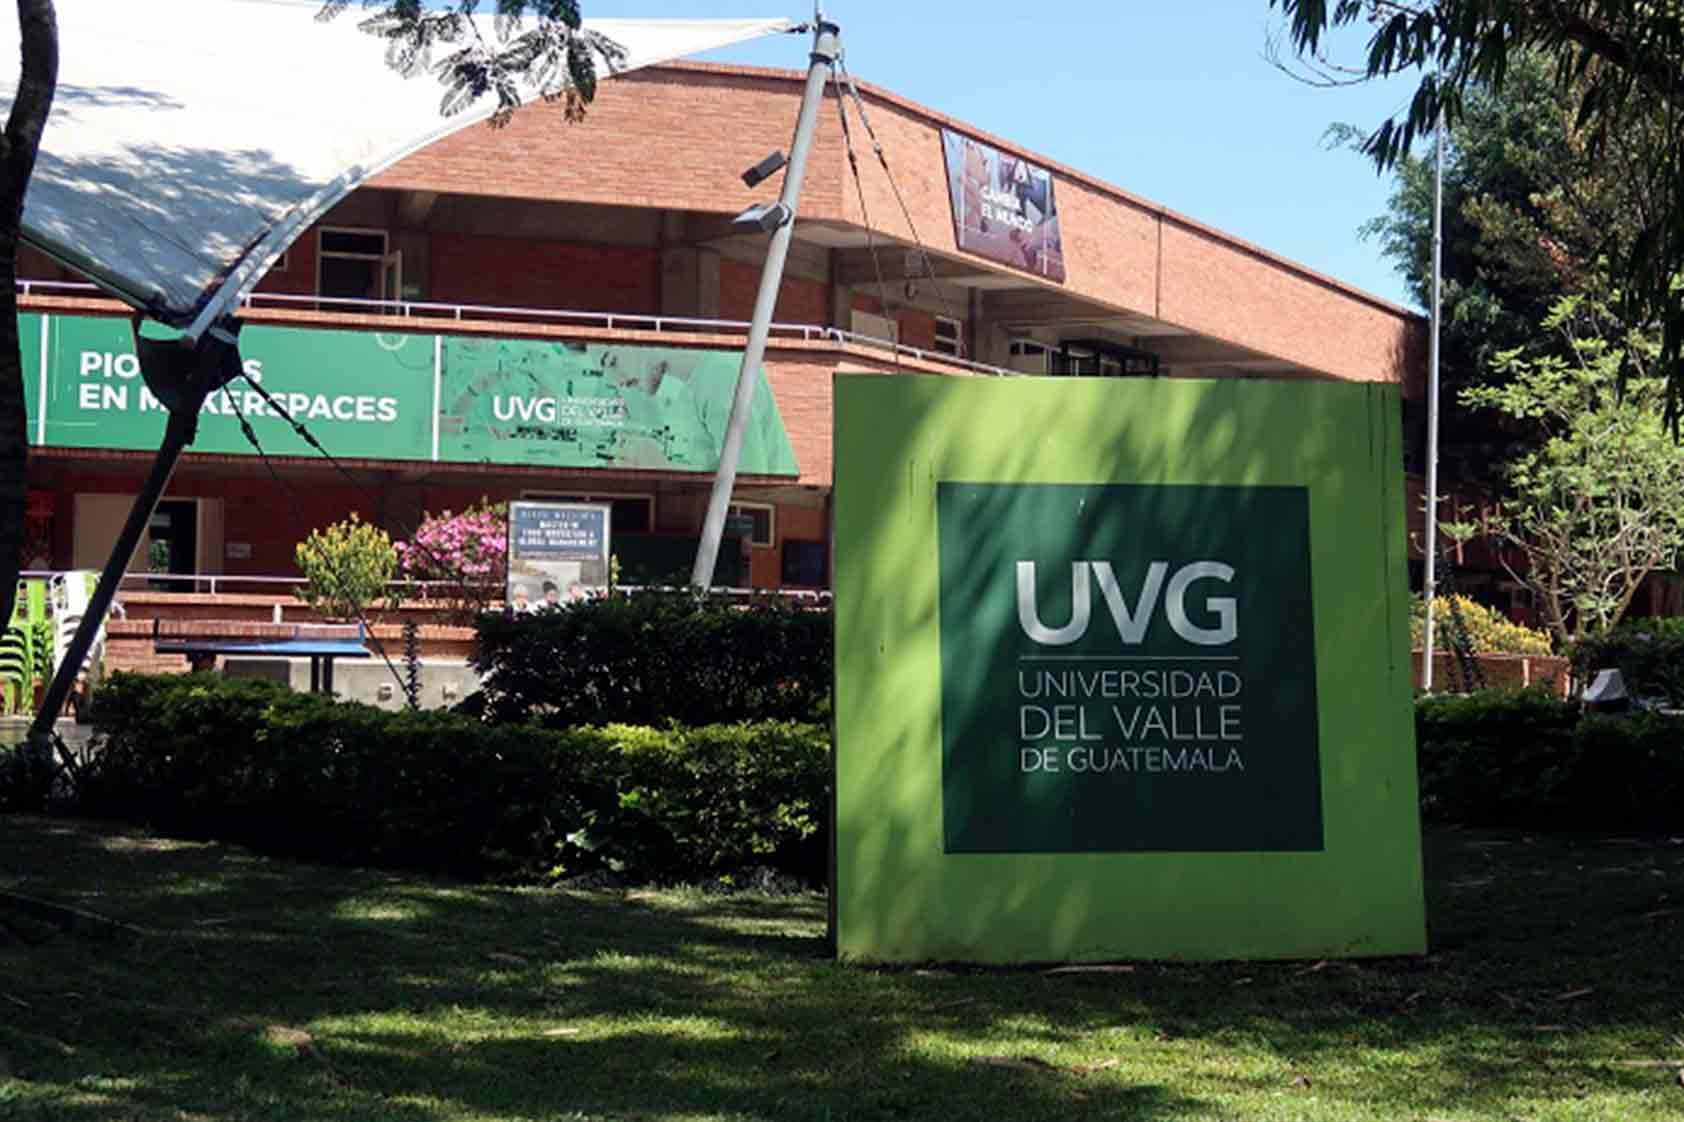 La UVG recibirá a representantes de Hcéres en visita exploratoria